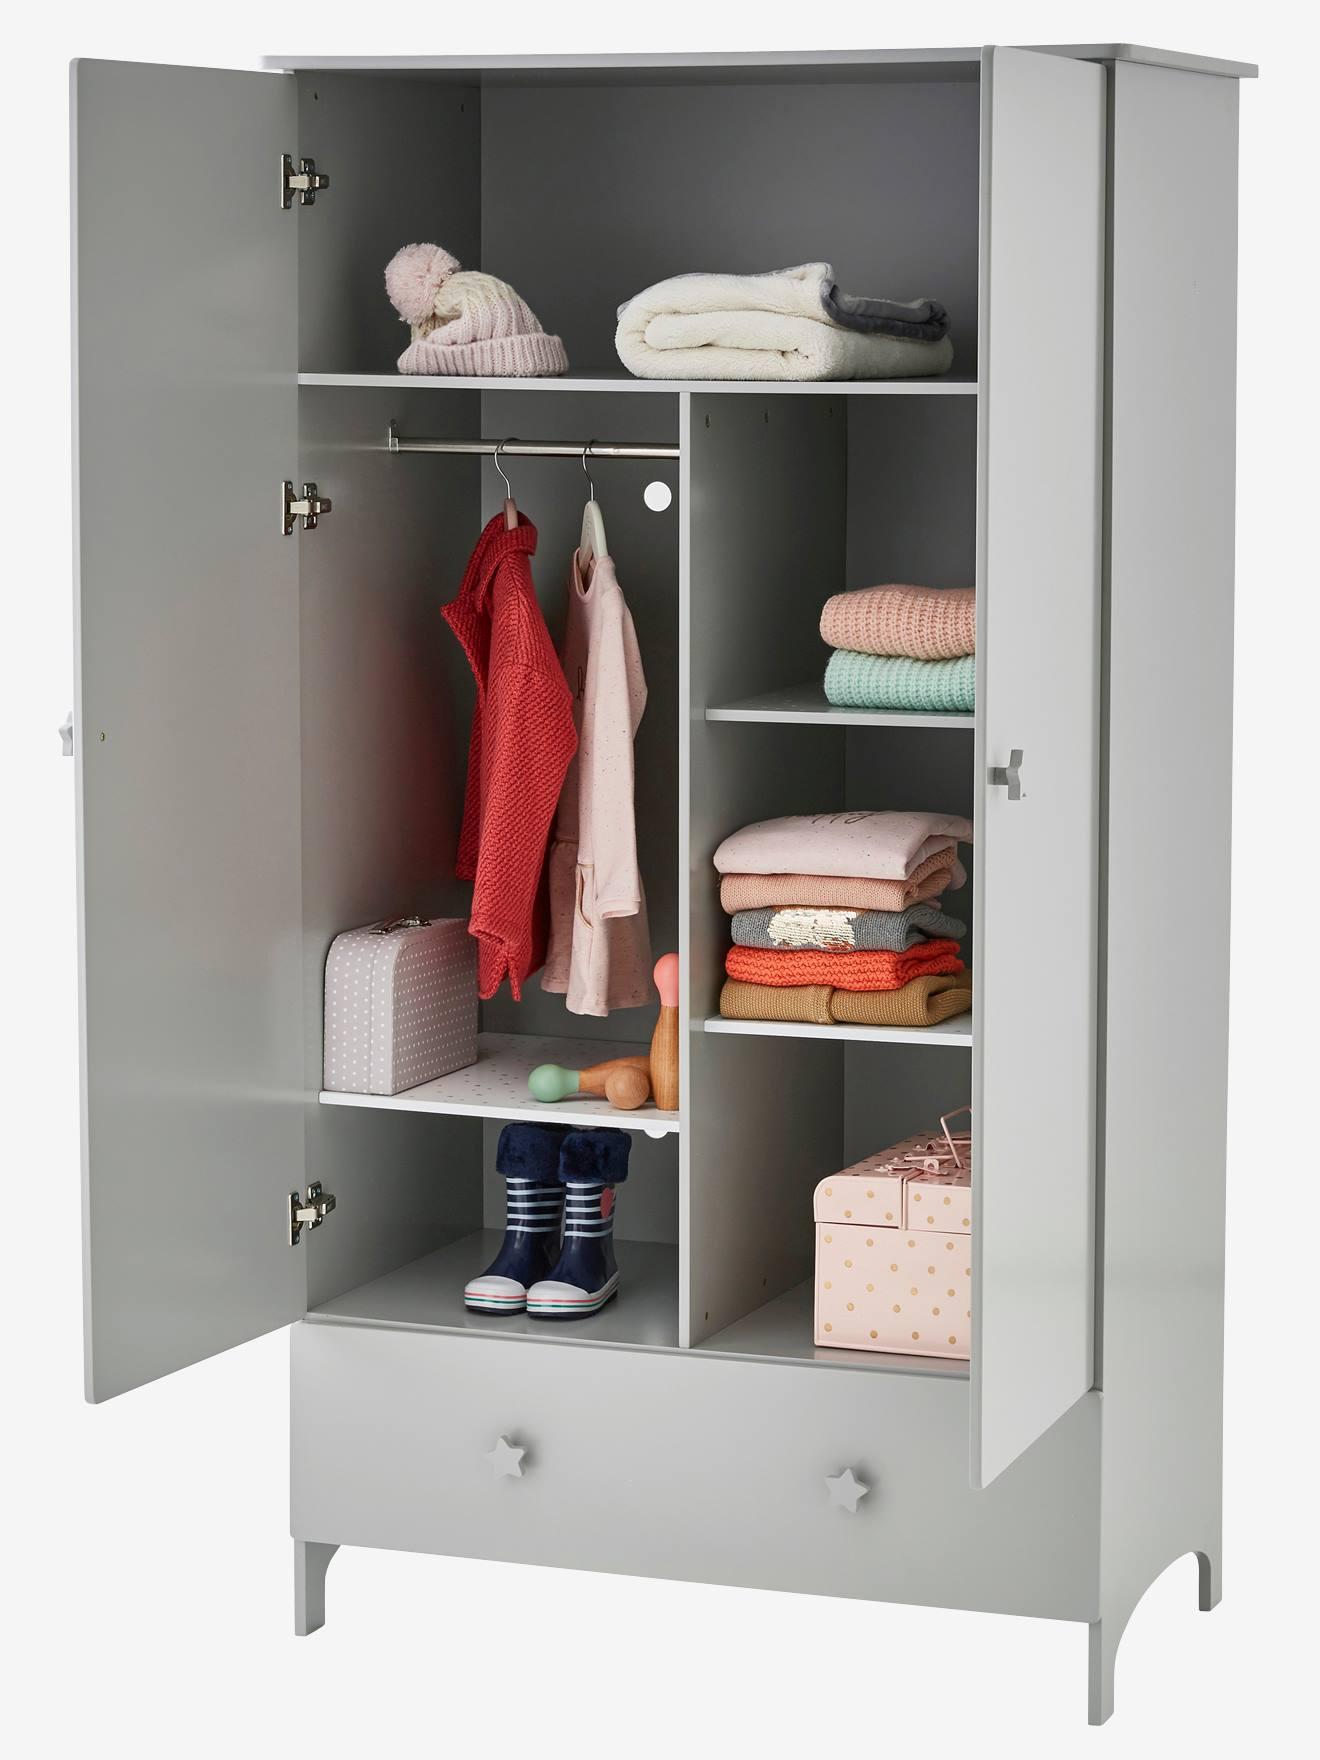 armoire enfant verbaudet meuble bas pour chambre. Black Bedroom Furniture Sets. Home Design Ideas